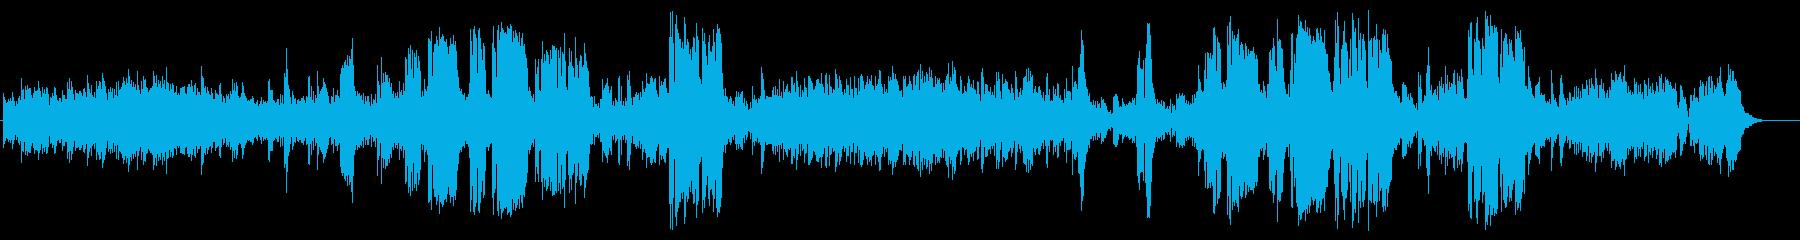 ひねりを加えたロシアの民songs...の再生済みの波形